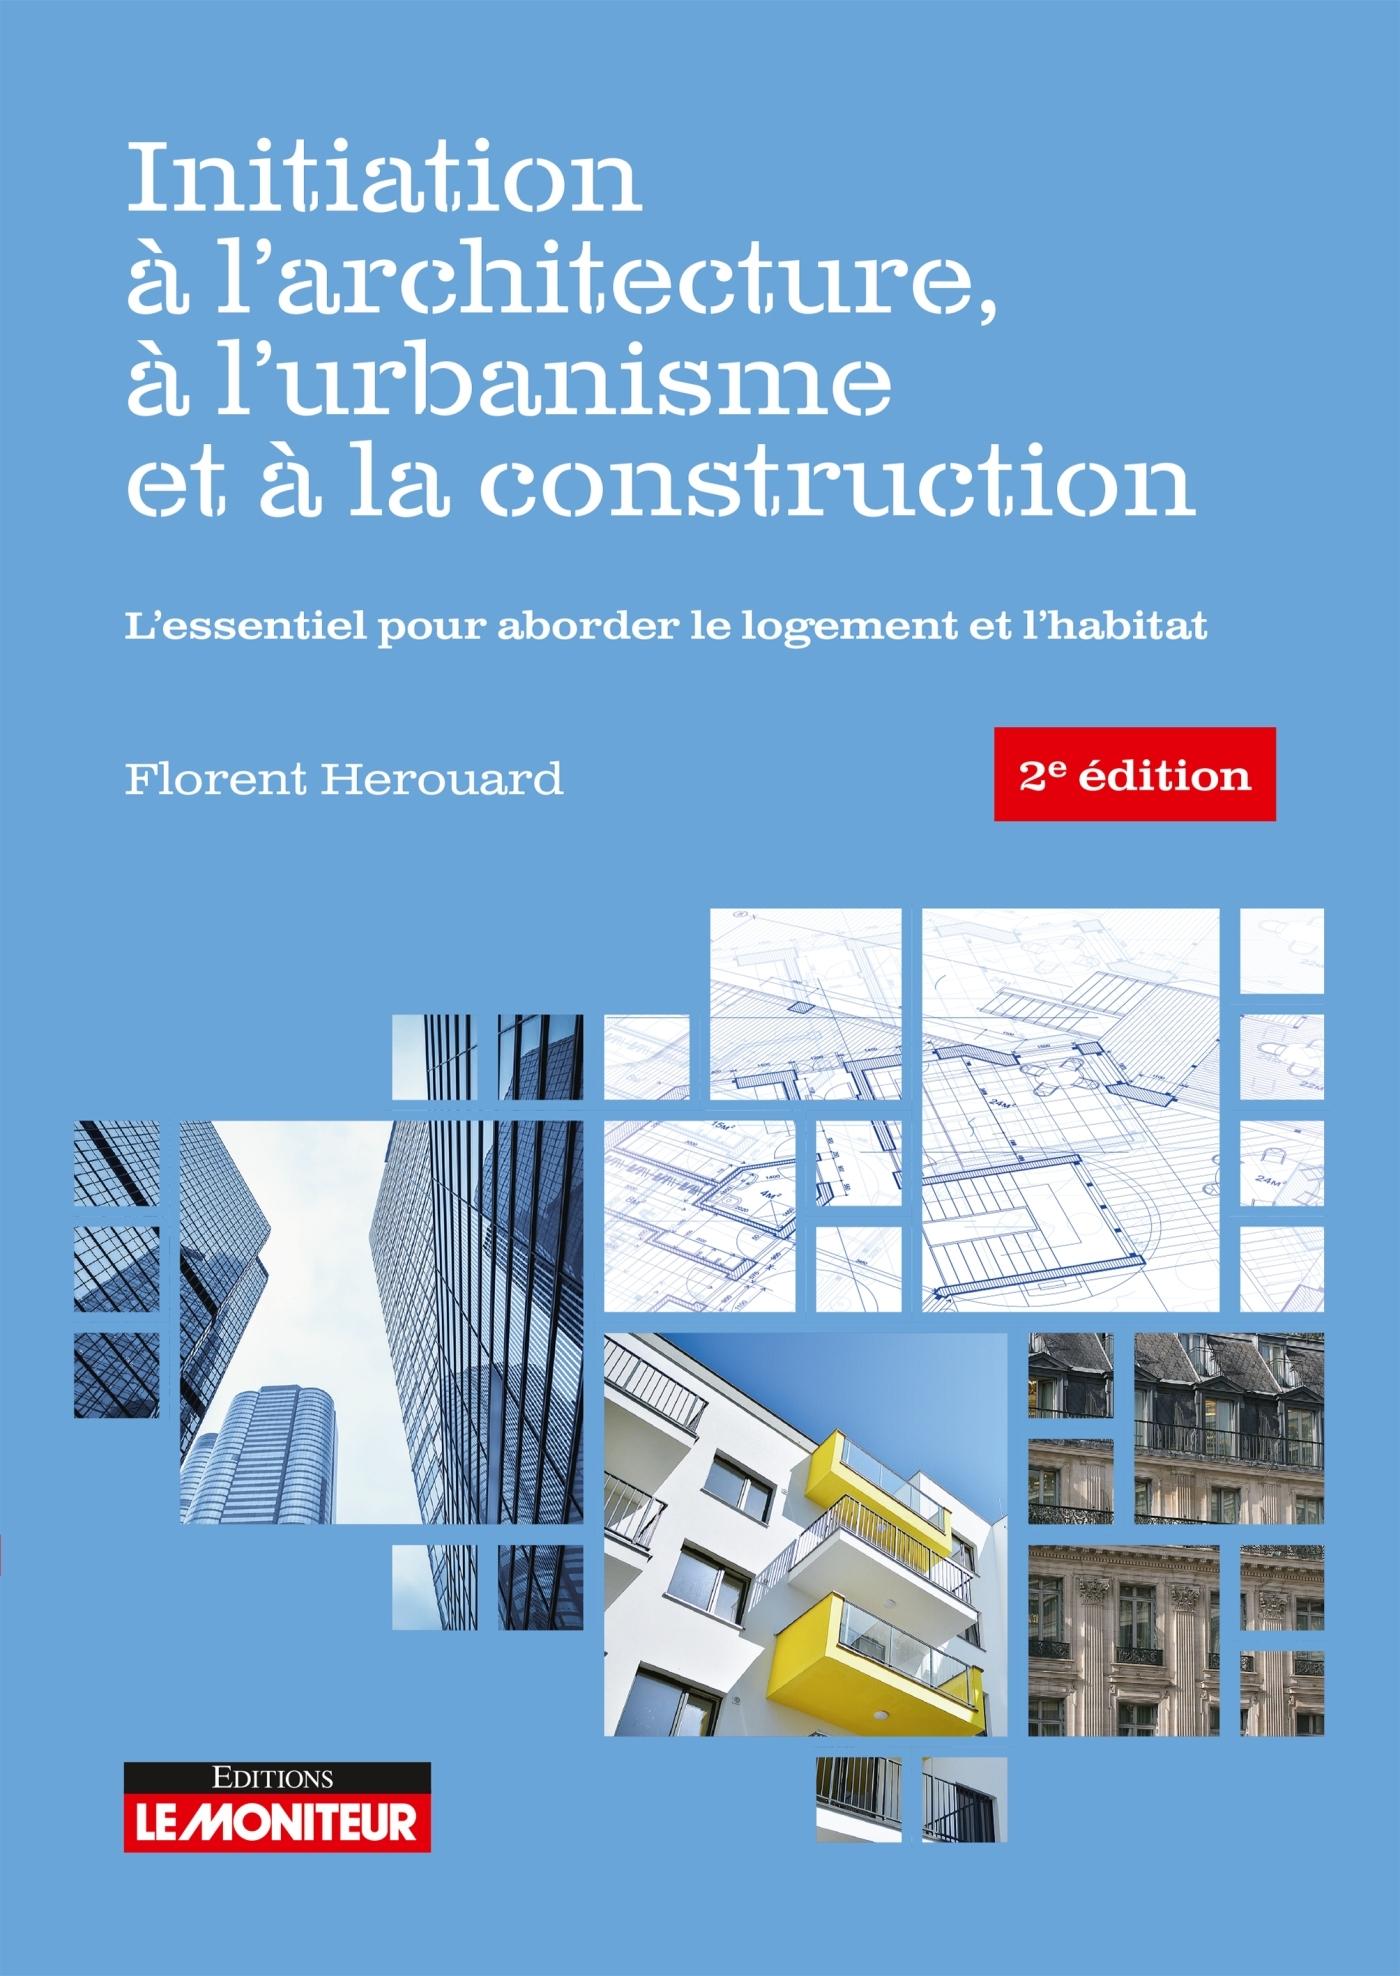 LE MONITEUR - 2E EDITION 2020 - INITIATION A L'ARCHITECTURE, A L'URBANISME ET A LA CONSTRUCTION - L'